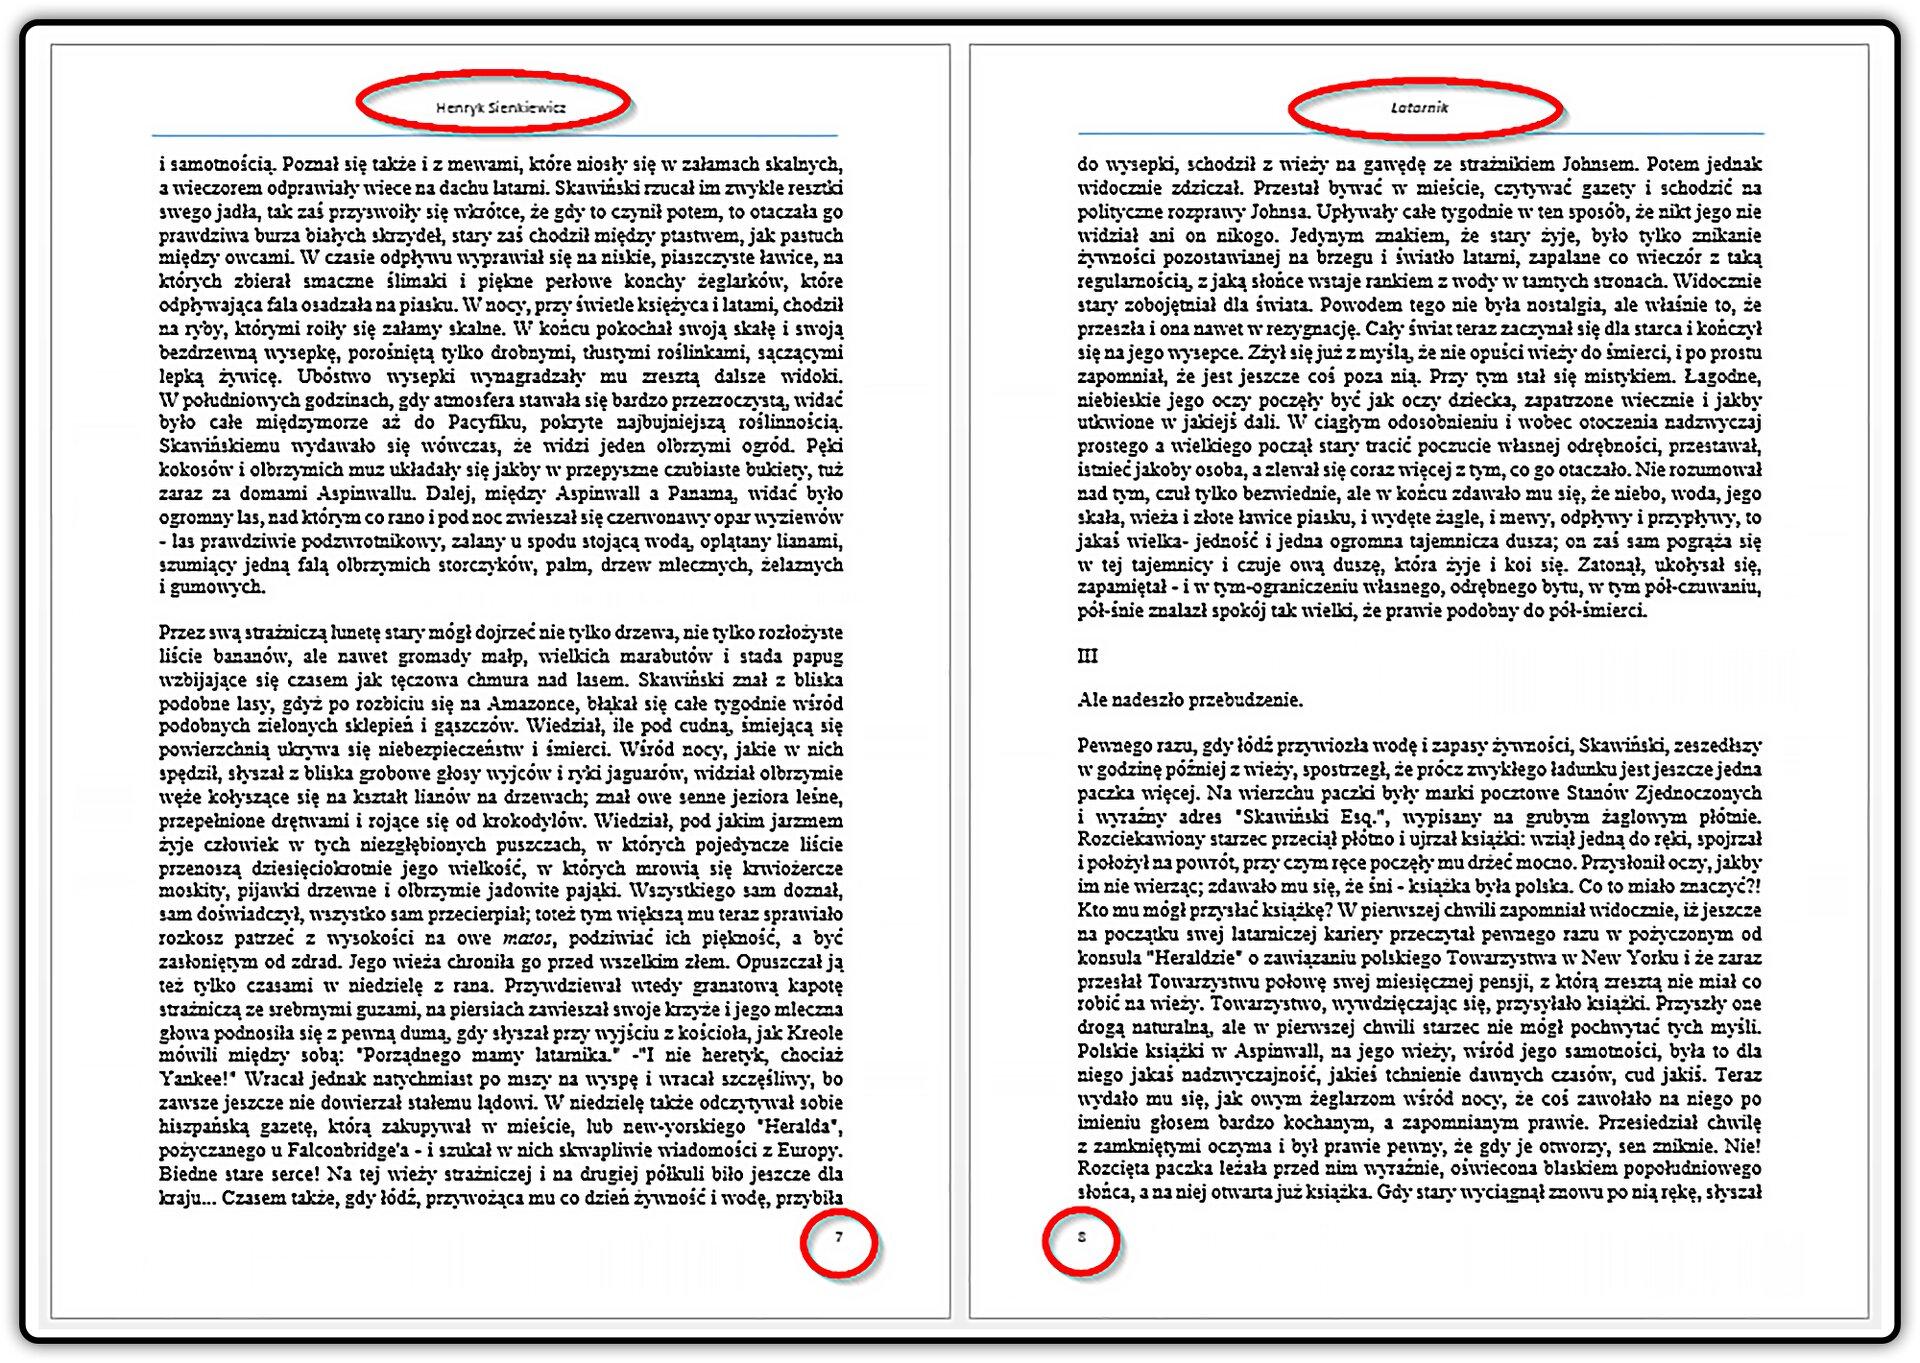 Slajd 1 galerii dokumentów zprzykładowym rozwiązaniem